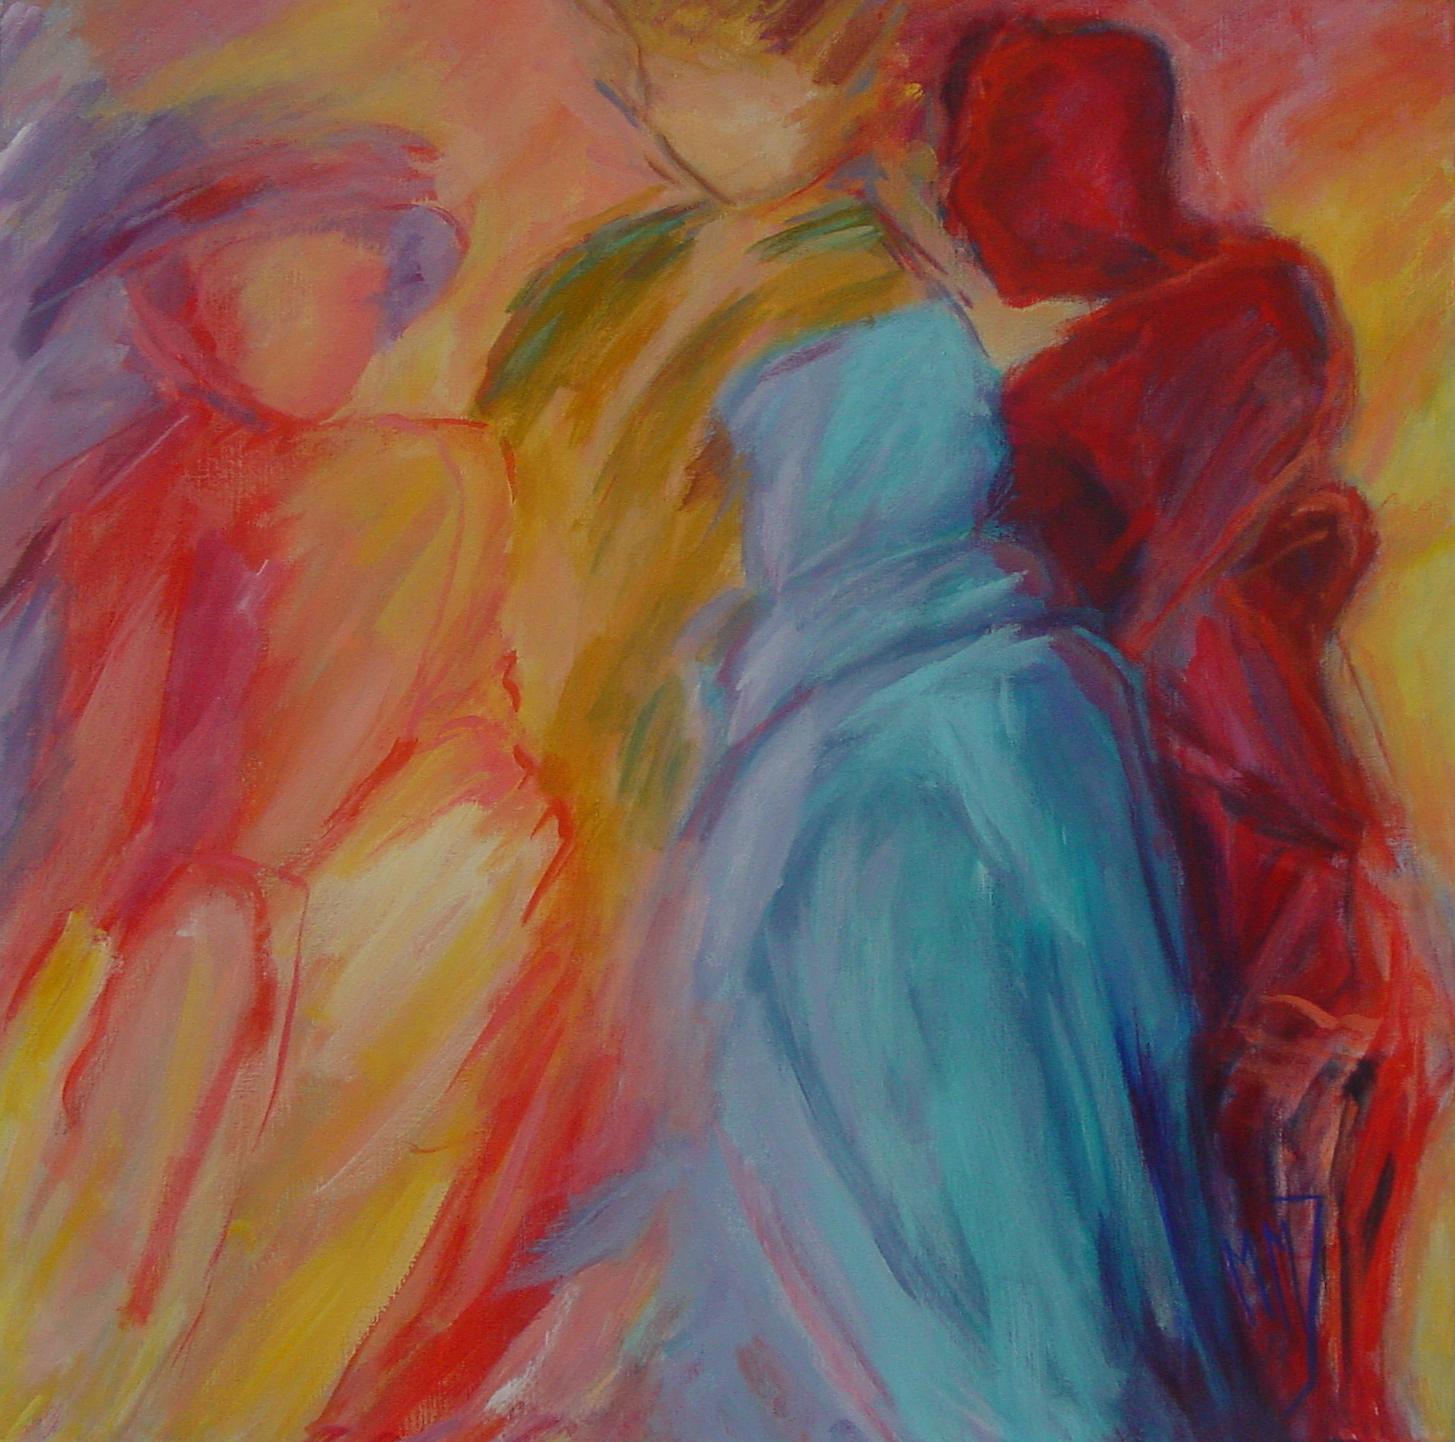 Parade, acryl op linnen, 80 x 80 cm, 2003